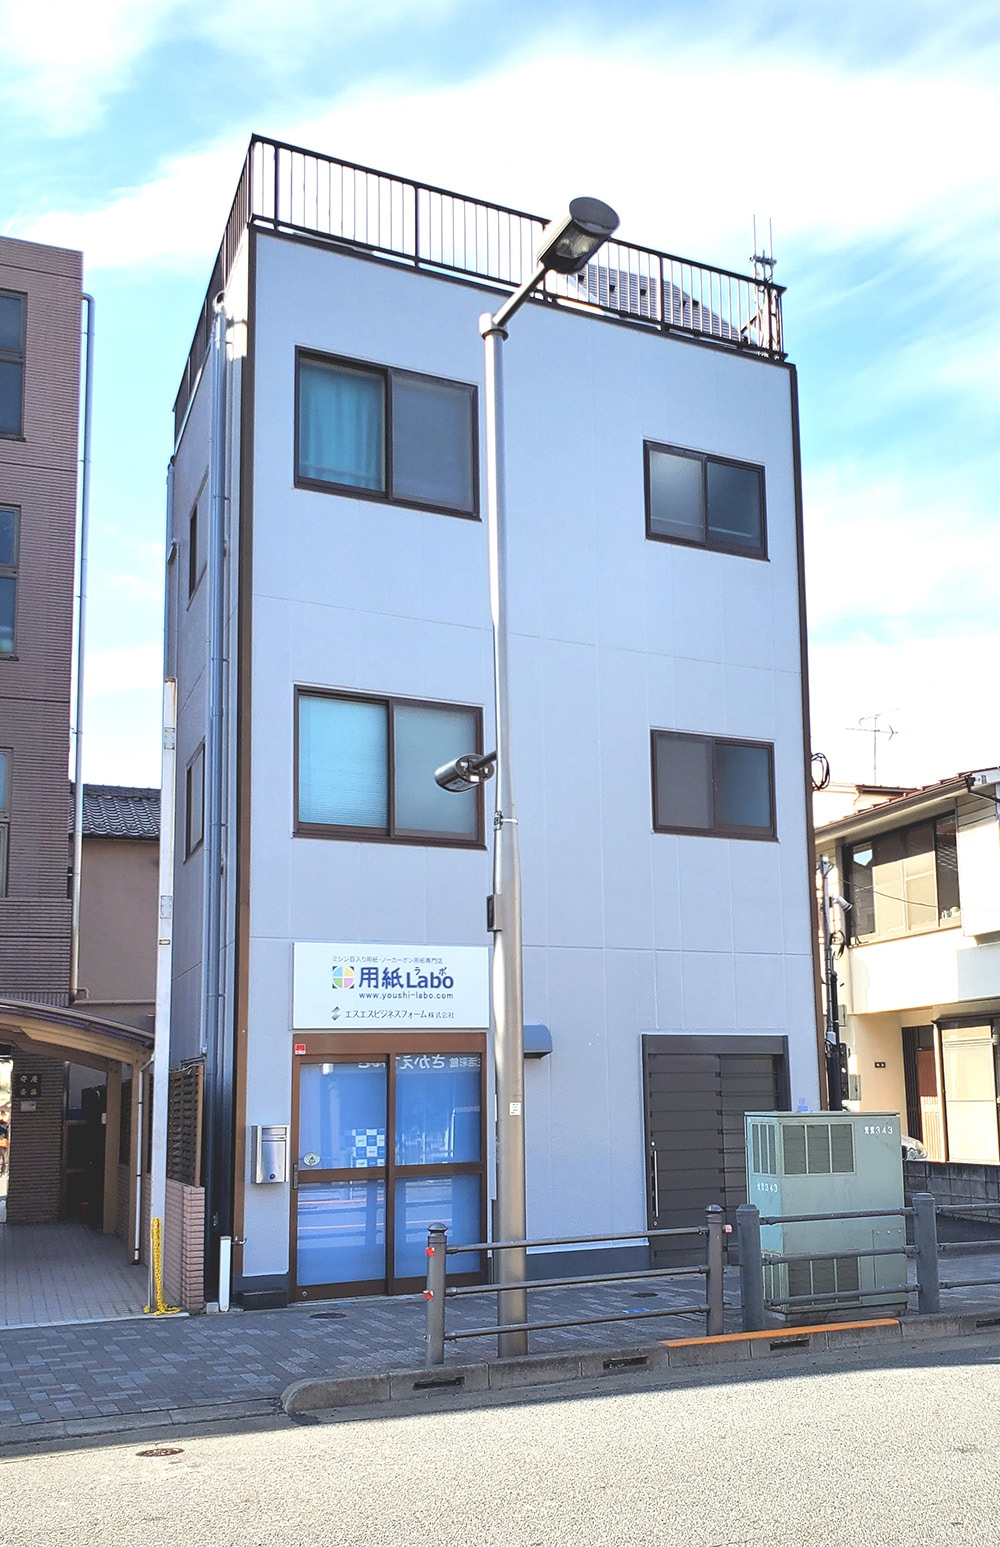 エスエスビジネスフォーム株式会社 本社・東京営業所